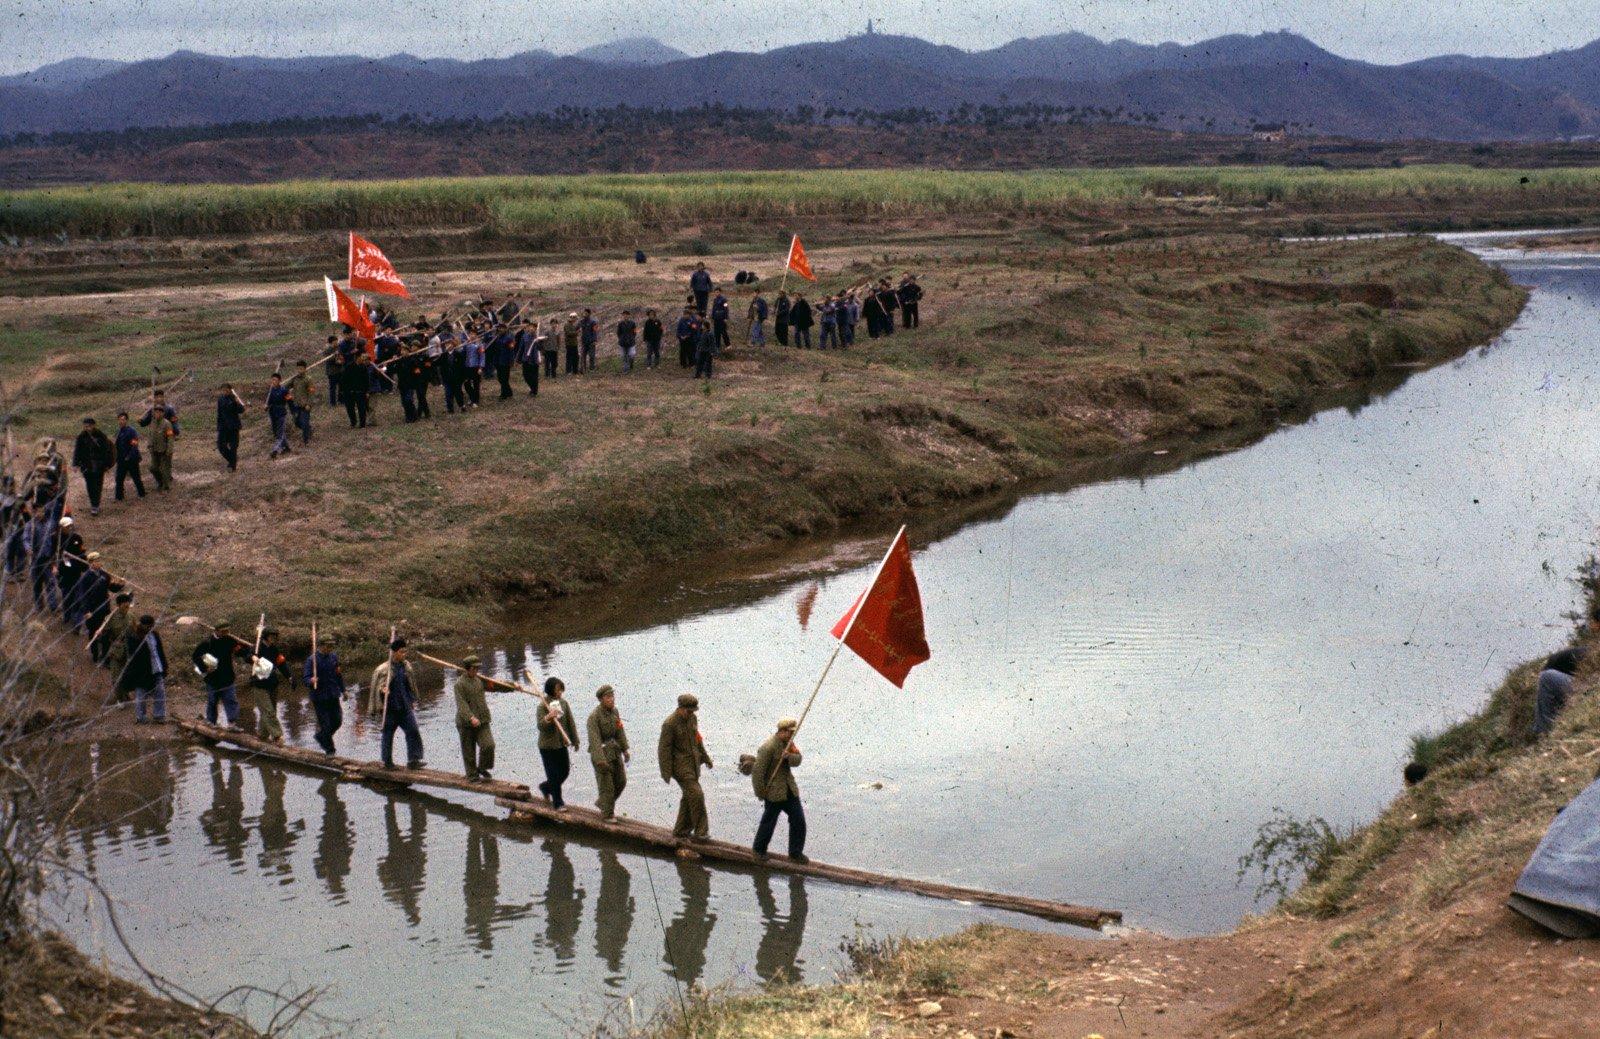 1966年,翁乃强主动向编辑部申请,跟随学生前往江西等地,重走长征路,沿途记录学生传播毛泽东思想的活动。